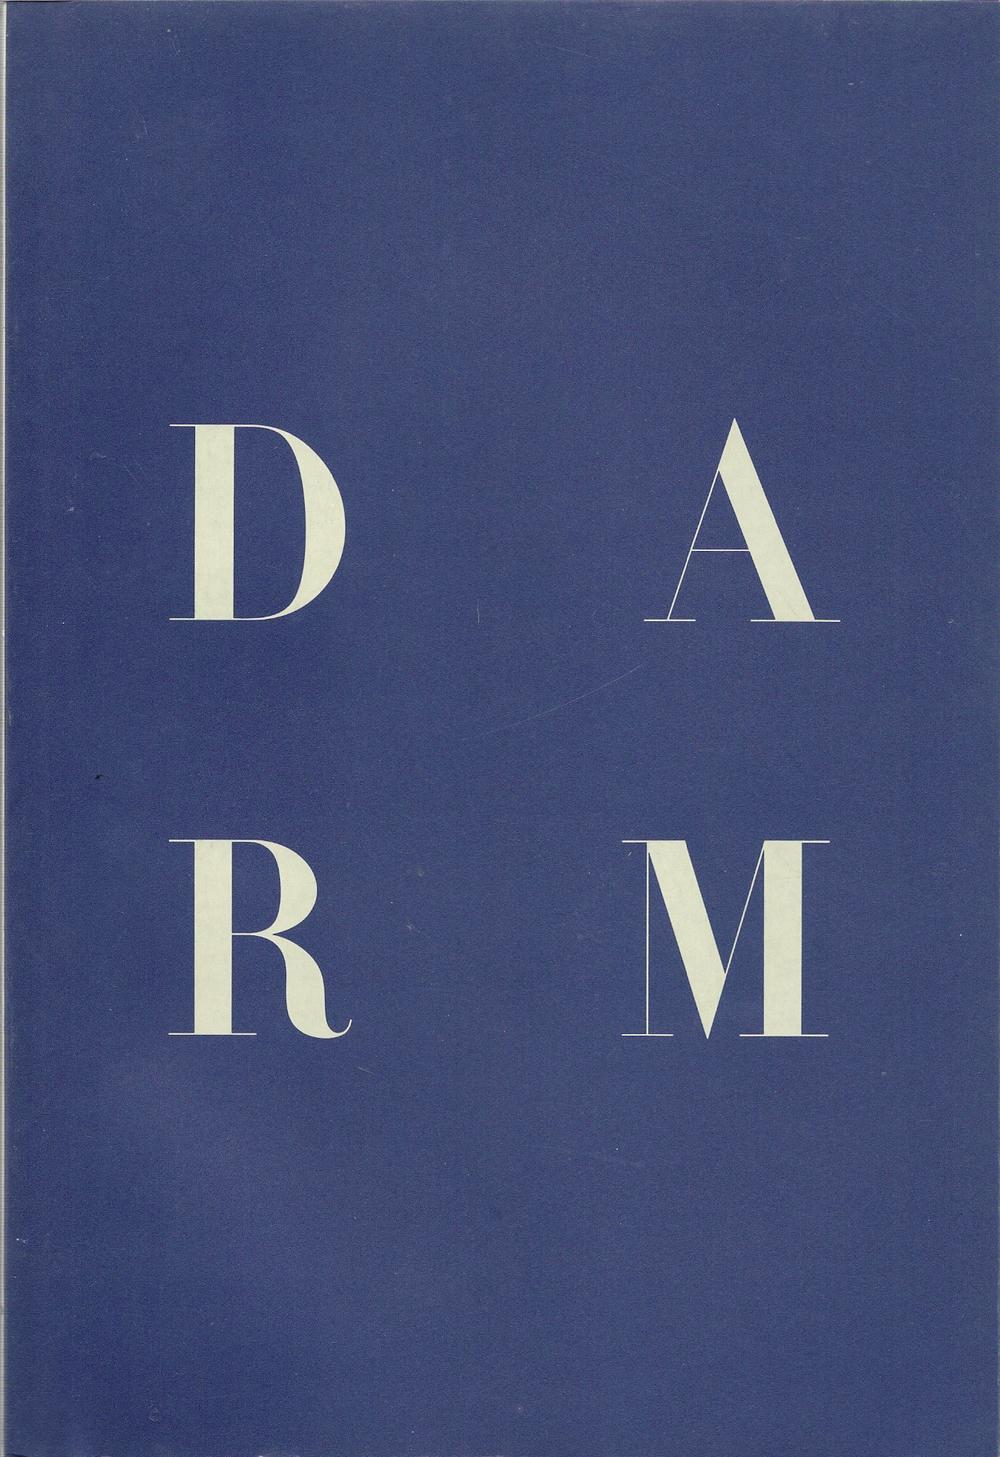 D.A.R.MFortsetzung, 1992